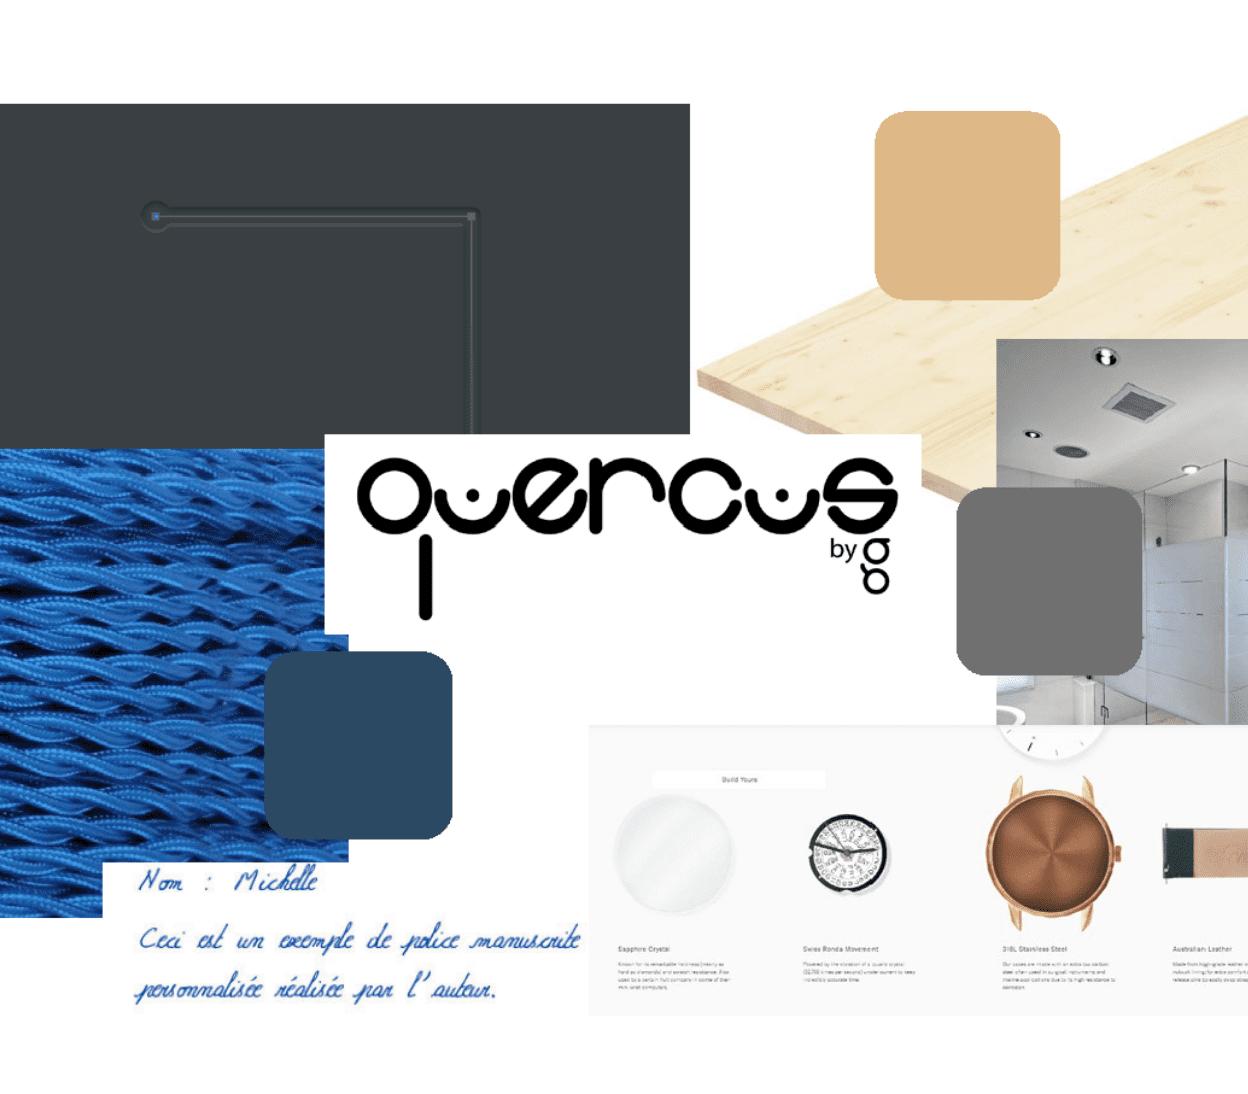 Quercus 2 - Arnaud Le Roux - Directeur Artistique Digital & Développeur Front-End